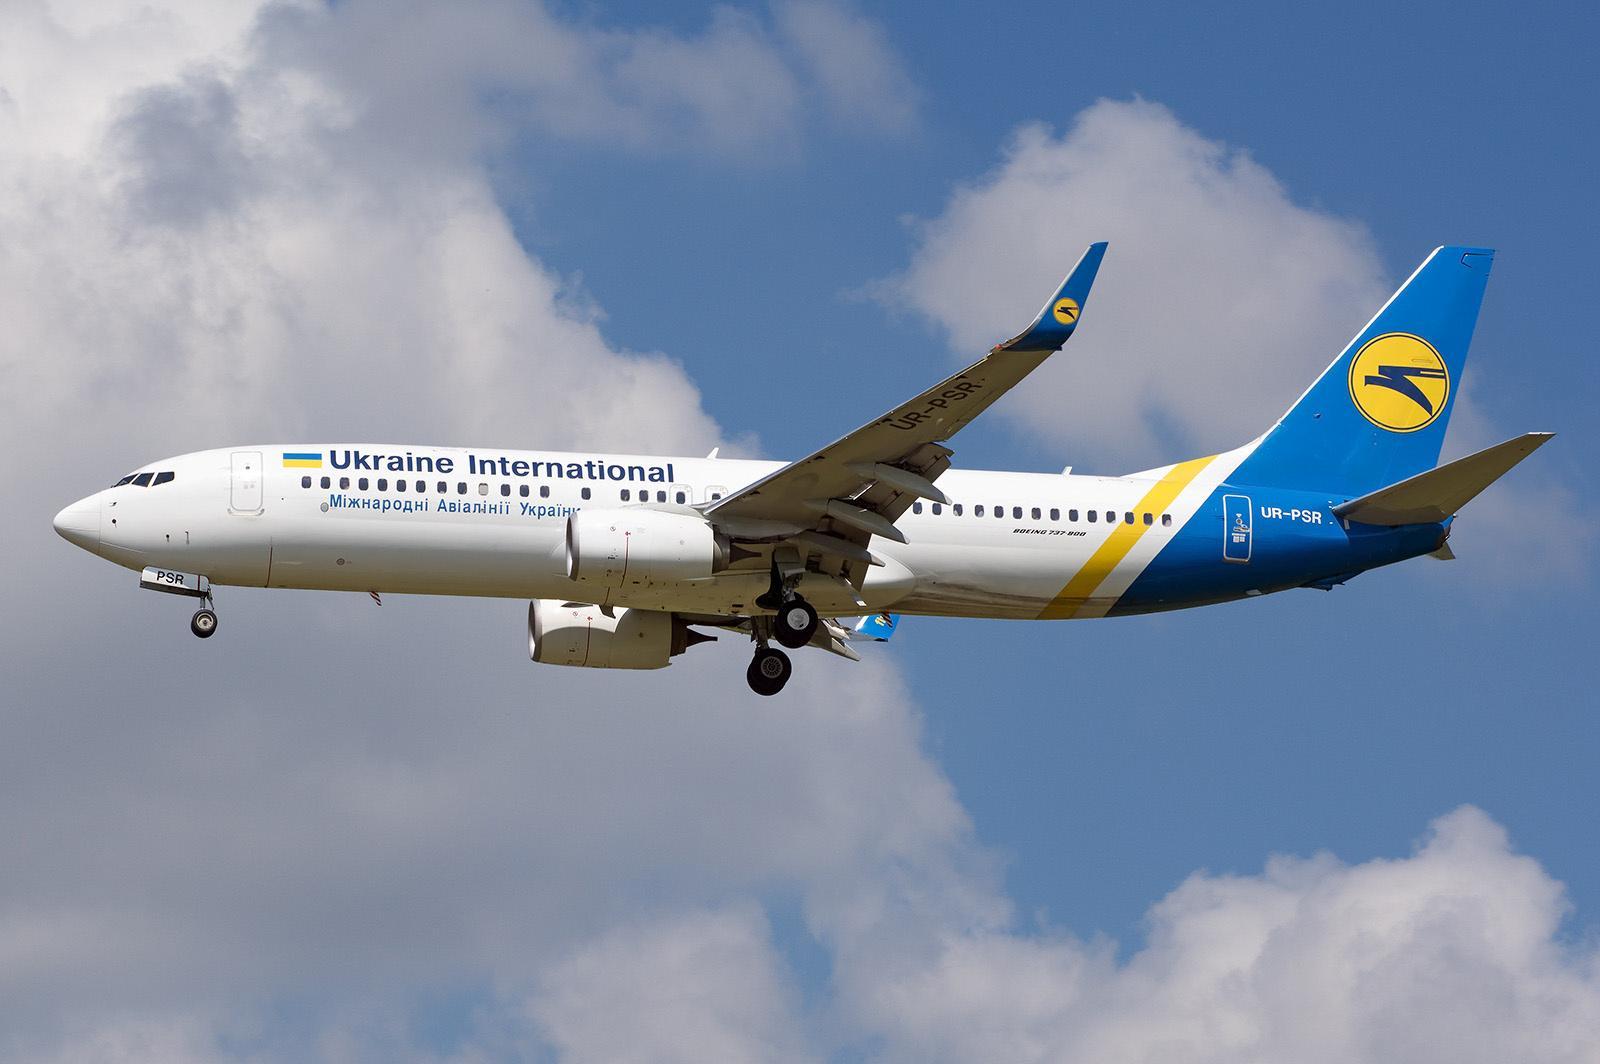 архівне фото літака Boeing 737-800 з реєстраційним номером UR-PSR, що розбився